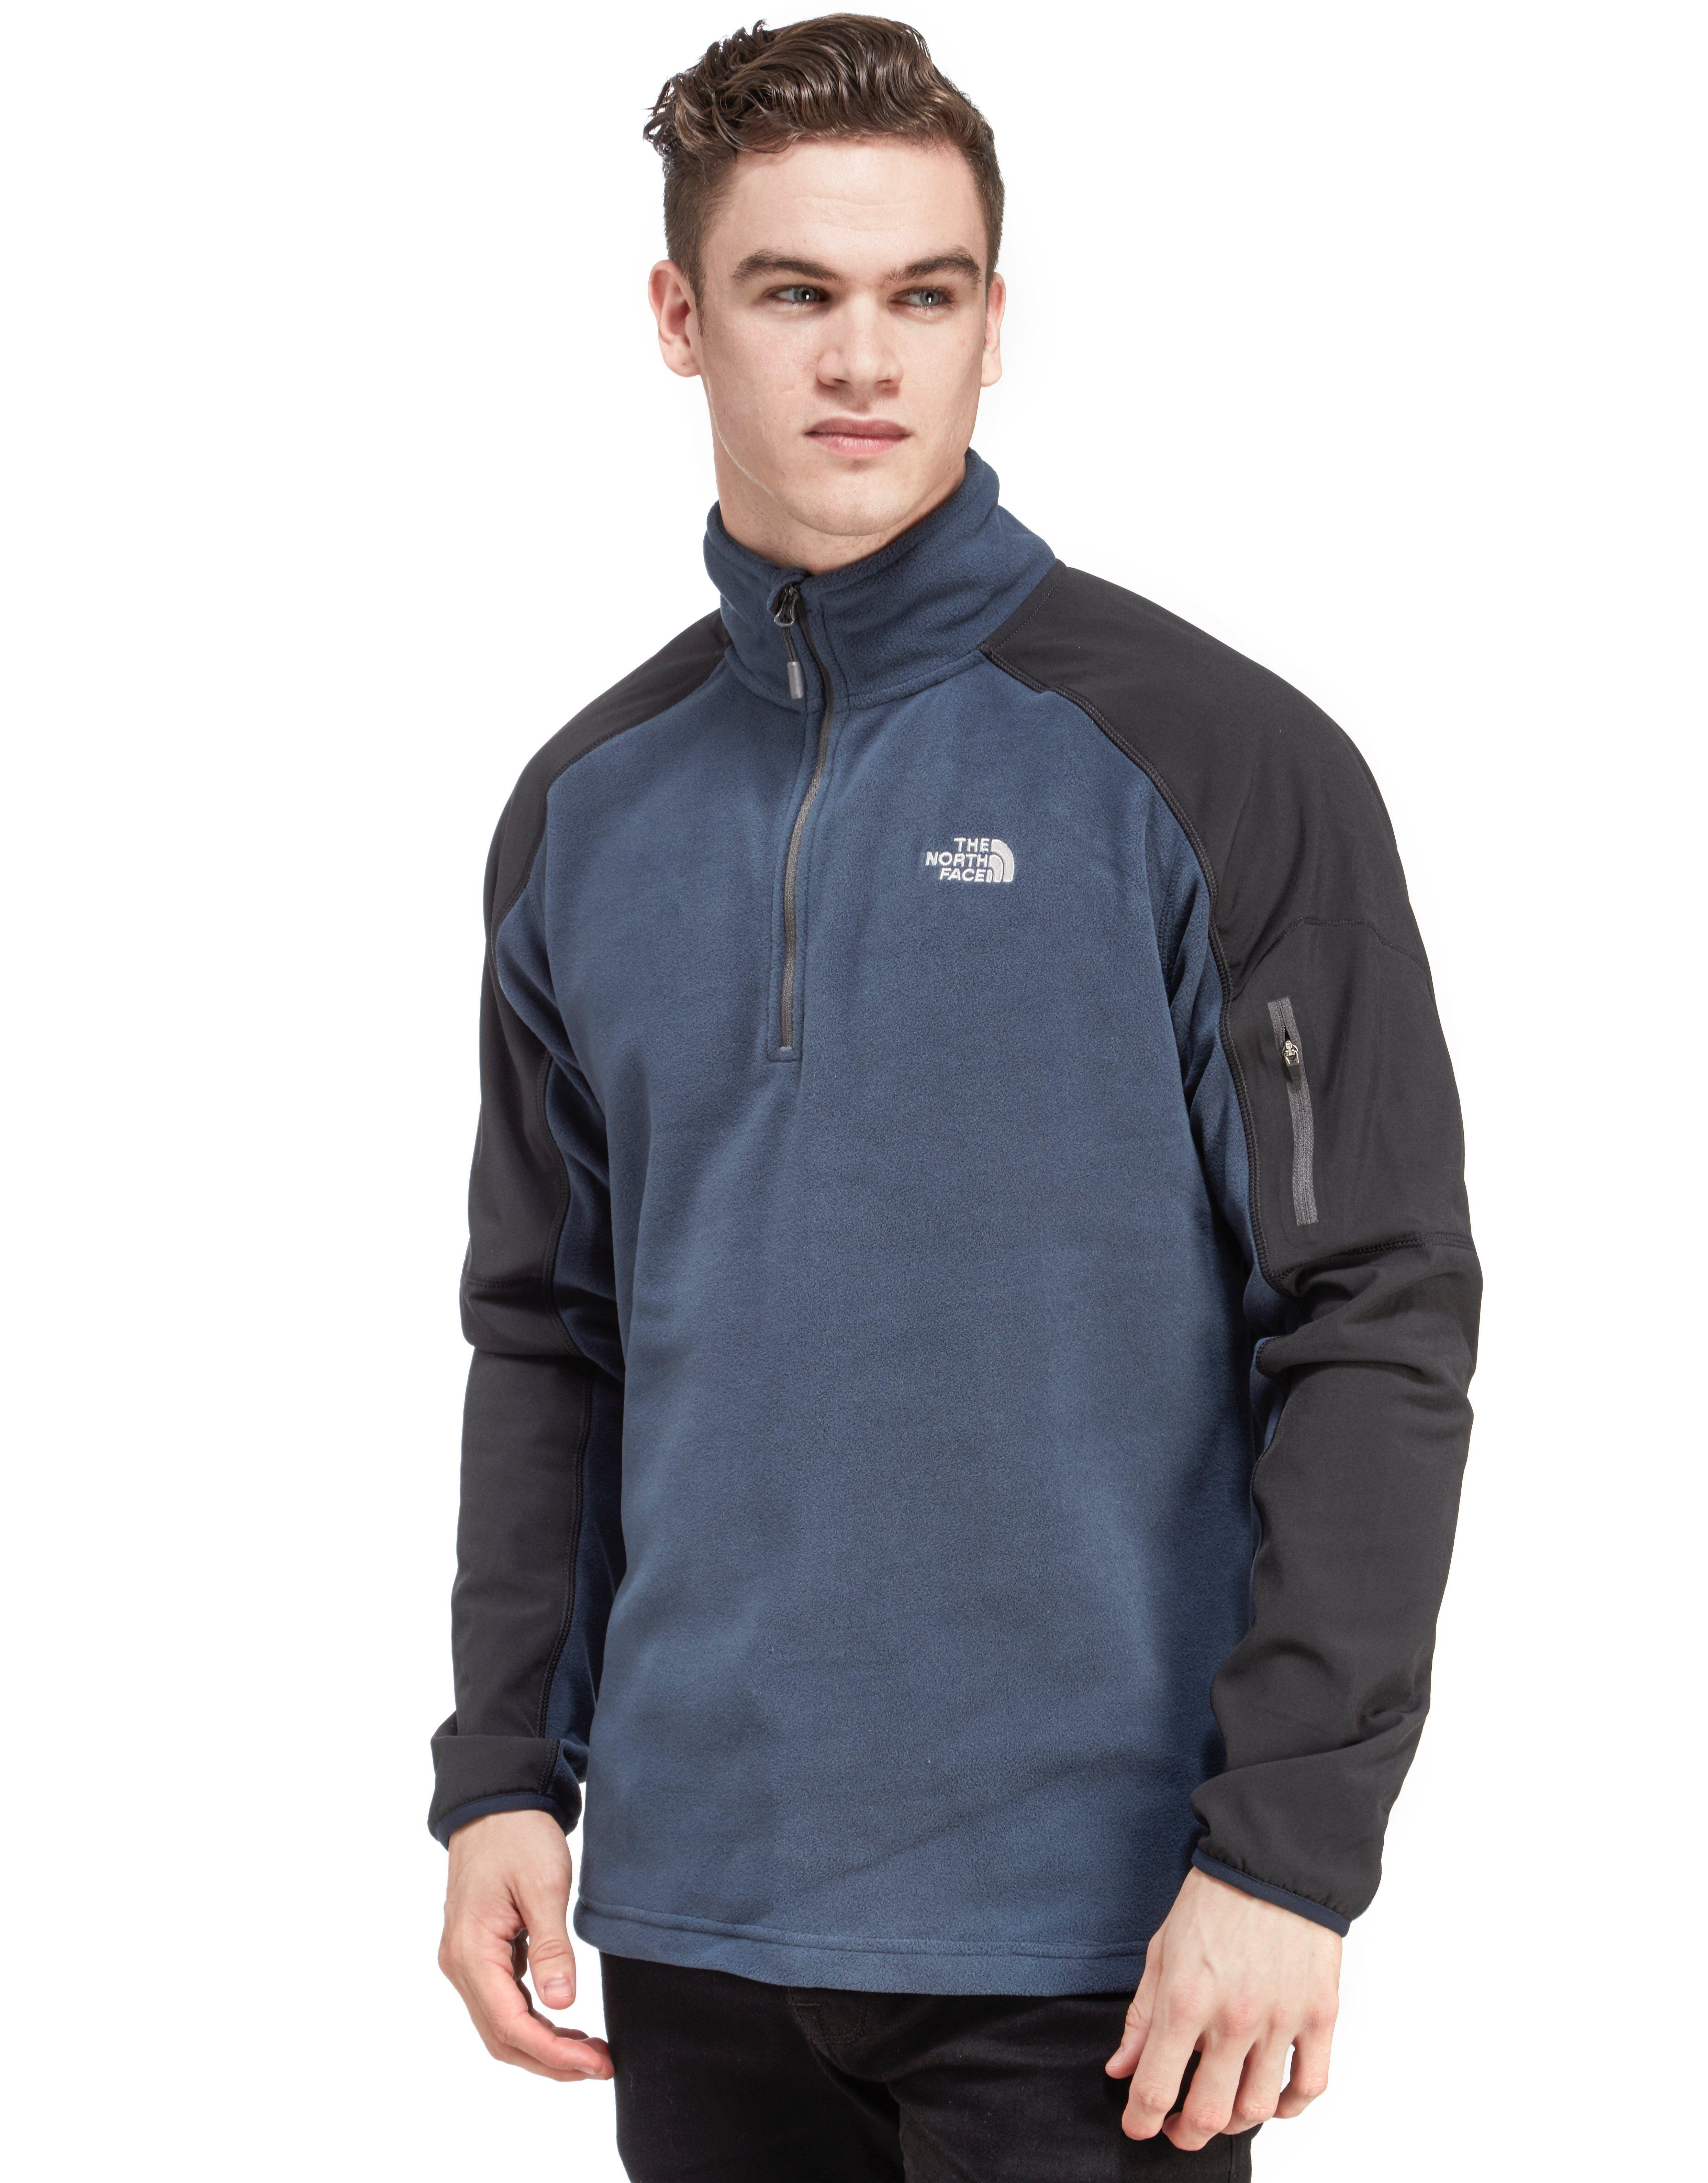 84af815fe3 hot sale The North Face Glacier Delta 1 4 Zip Jacket